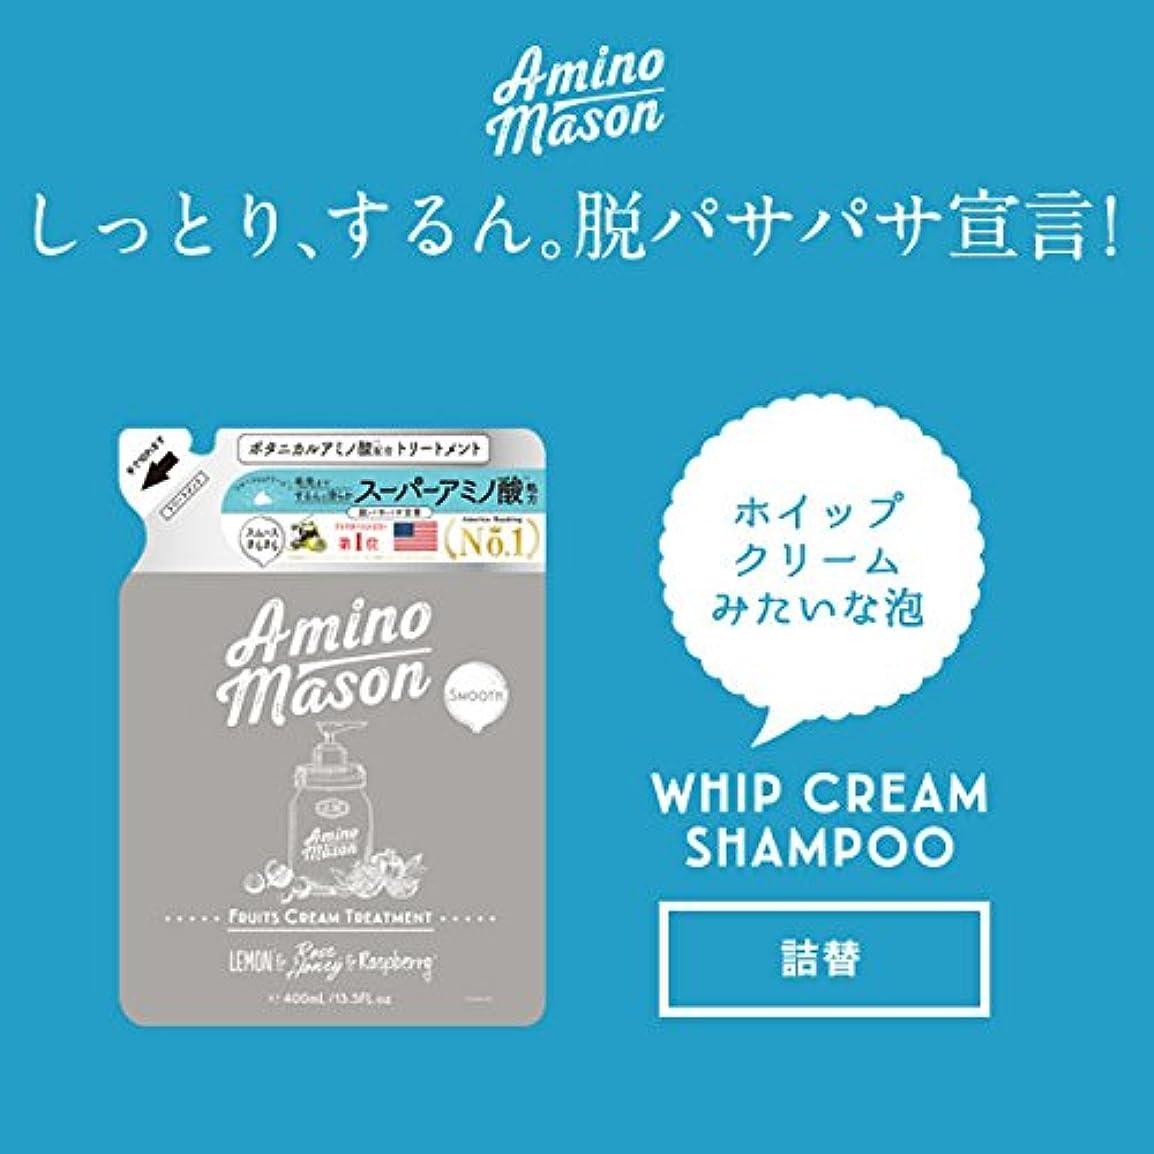 描写質量原子炉Amino Mason アミノメイソン ホイップクリーム シャンプー 詰め替え 400ml (スムース)